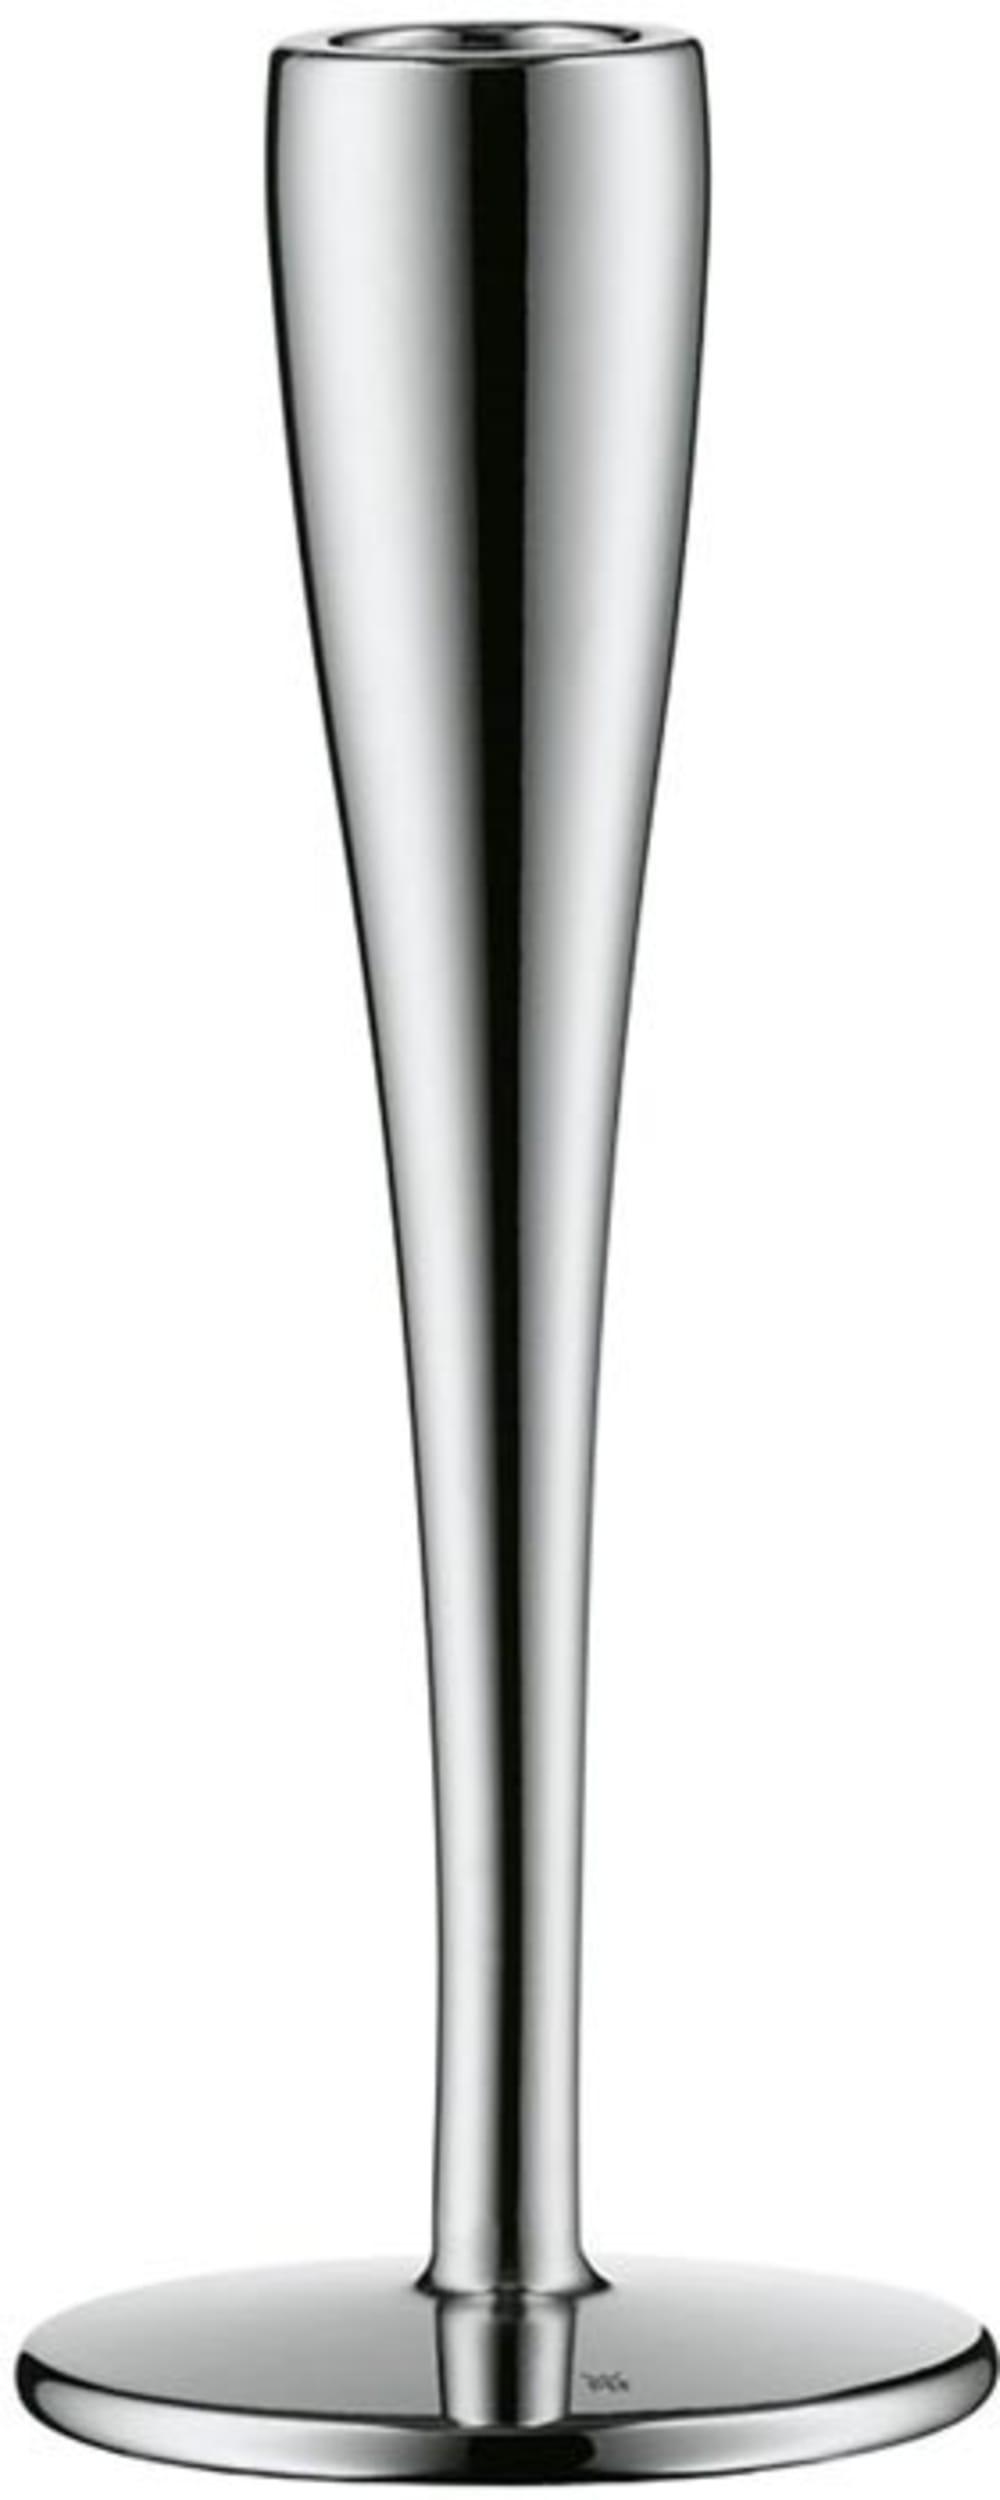 WMF - Świecznik ze świecą, Tavola